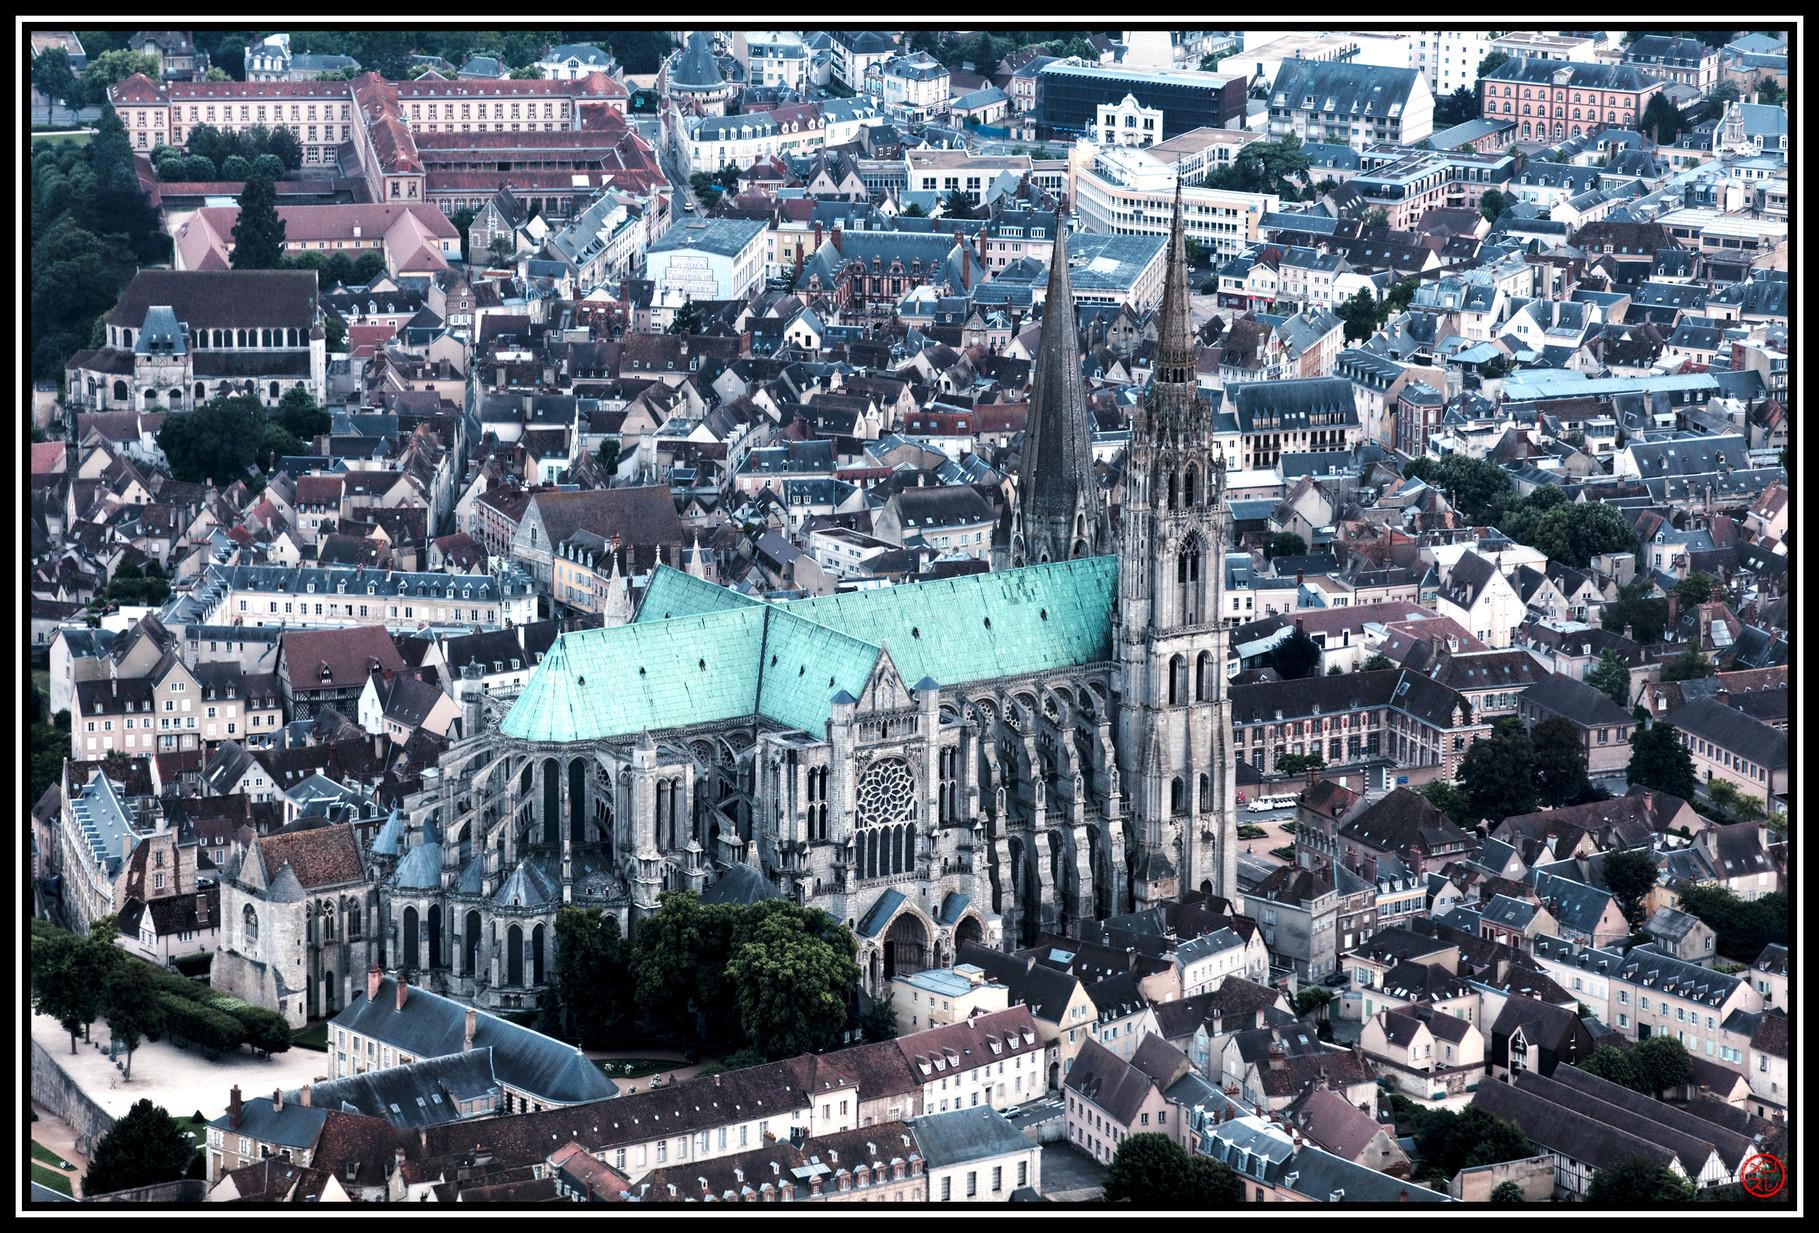 Cathédrale Notre-Dame de Chartres, France (2013)